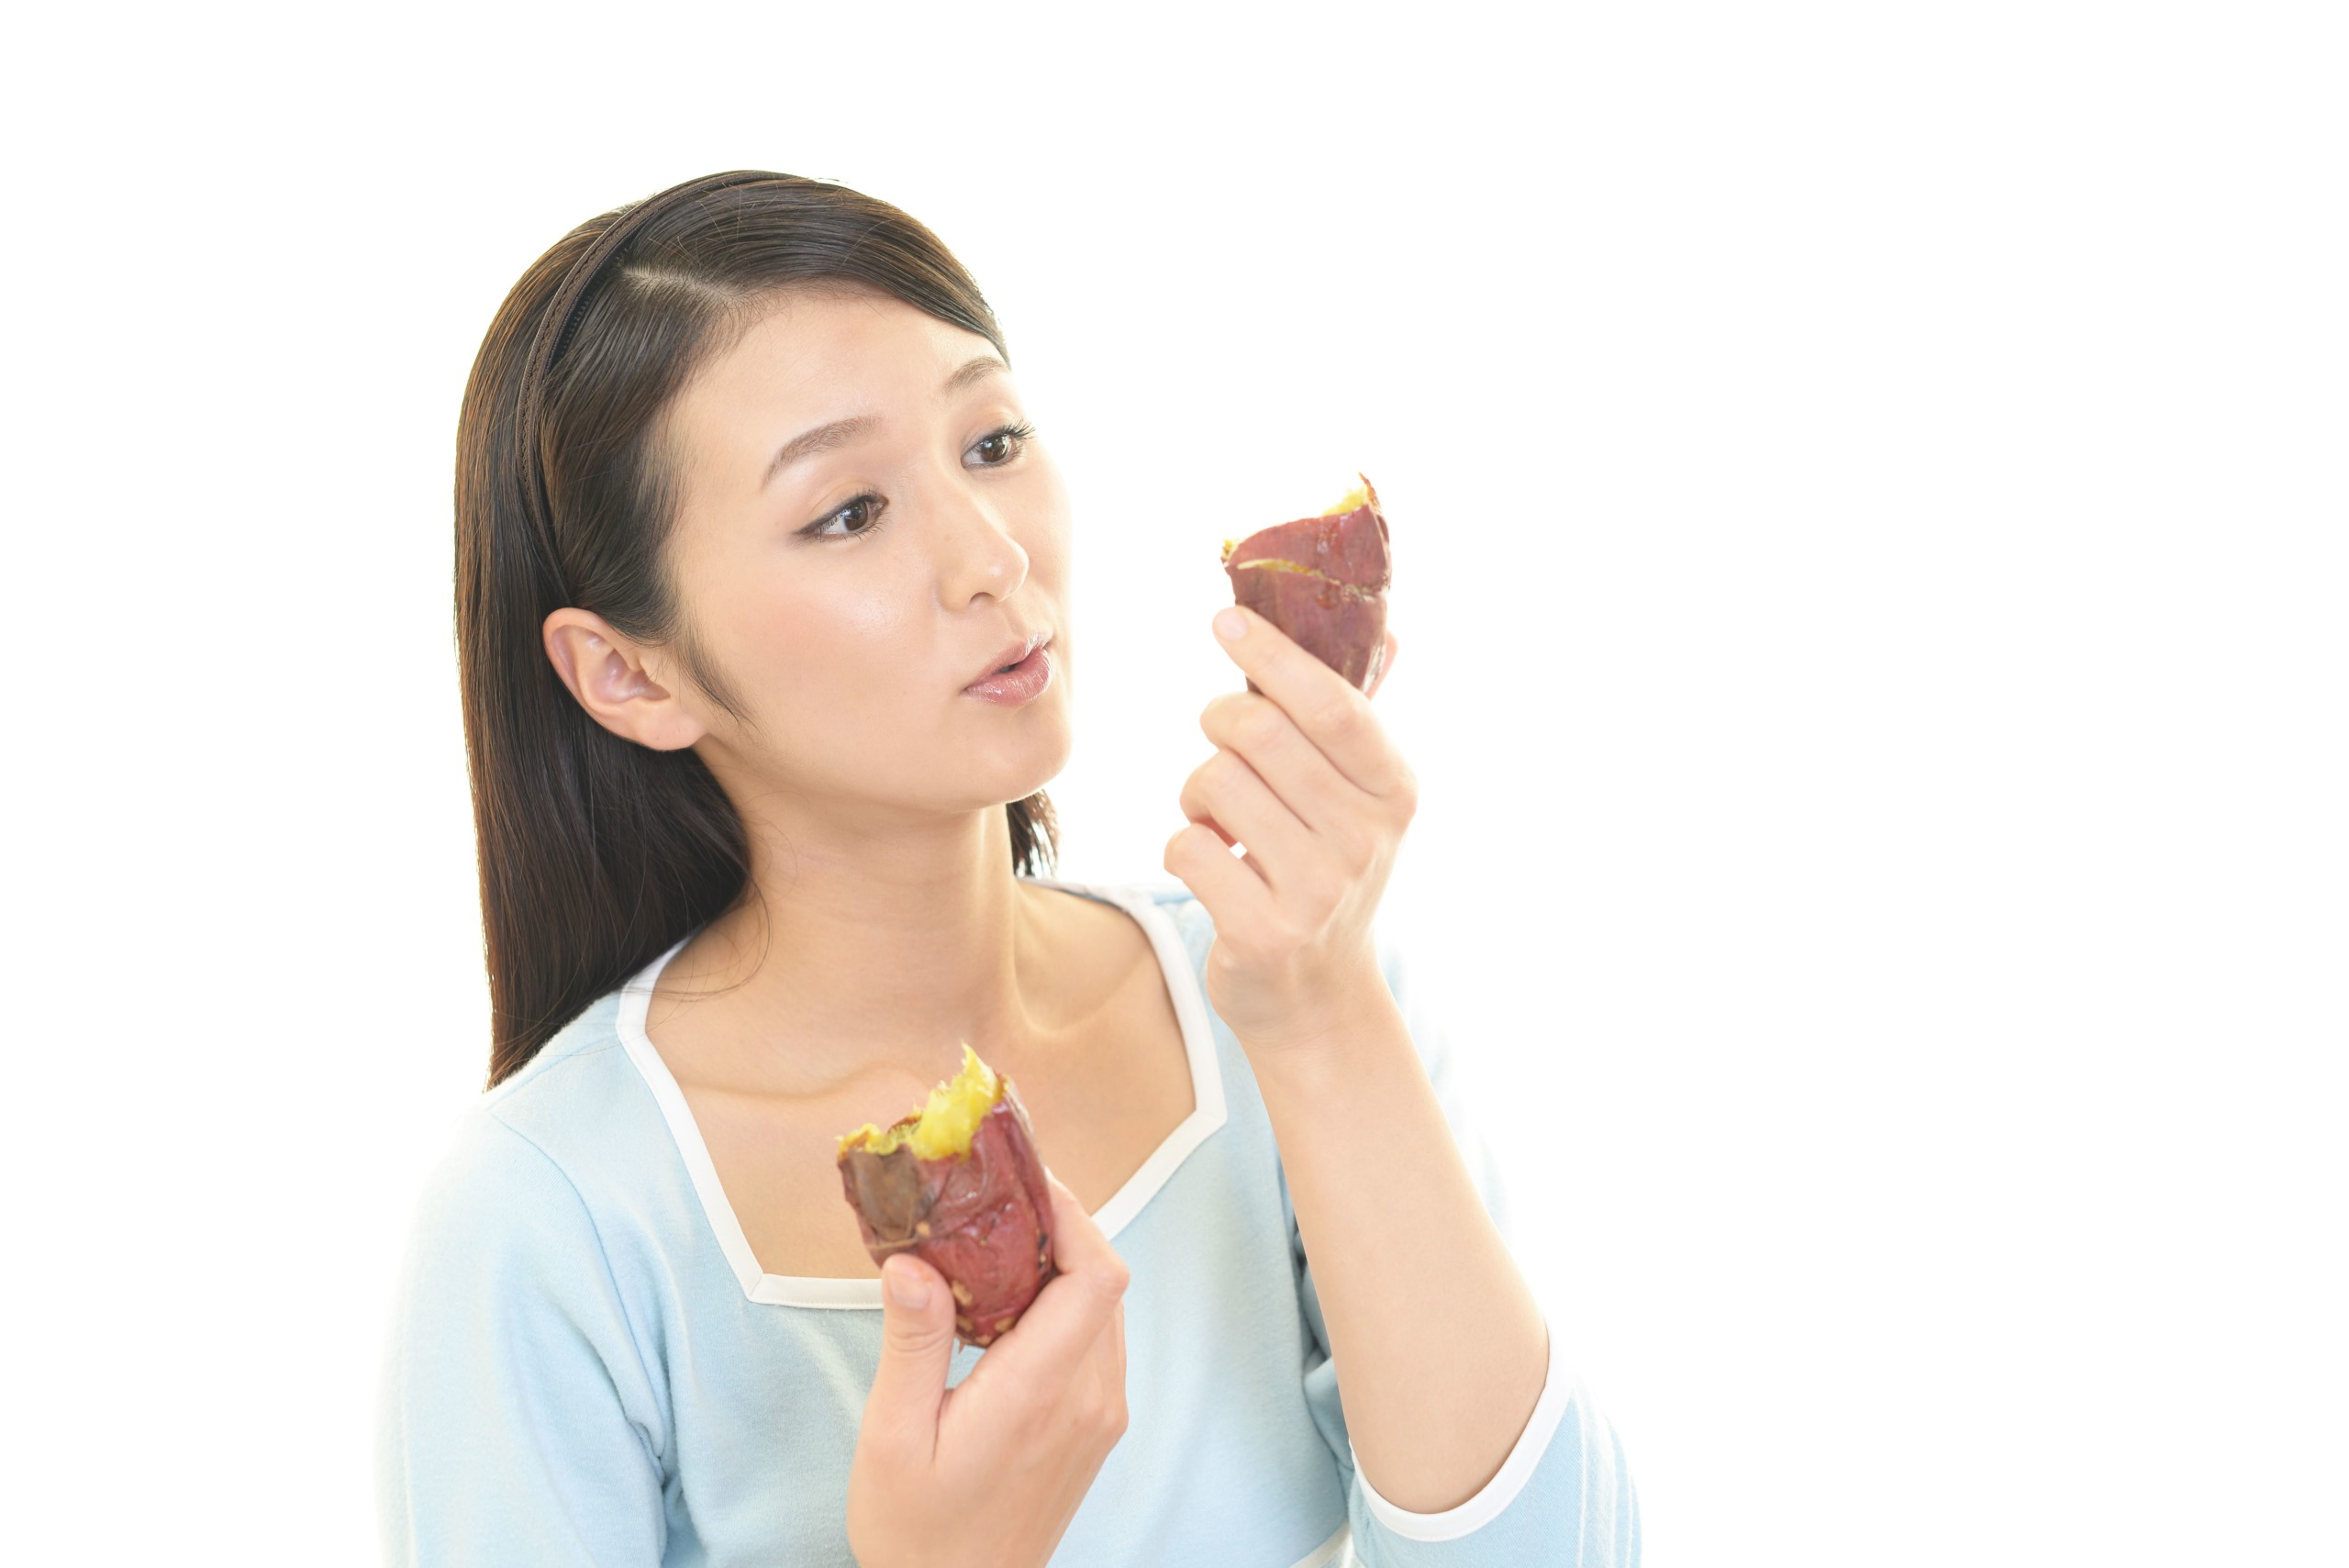 女性がさつまいもを食べている